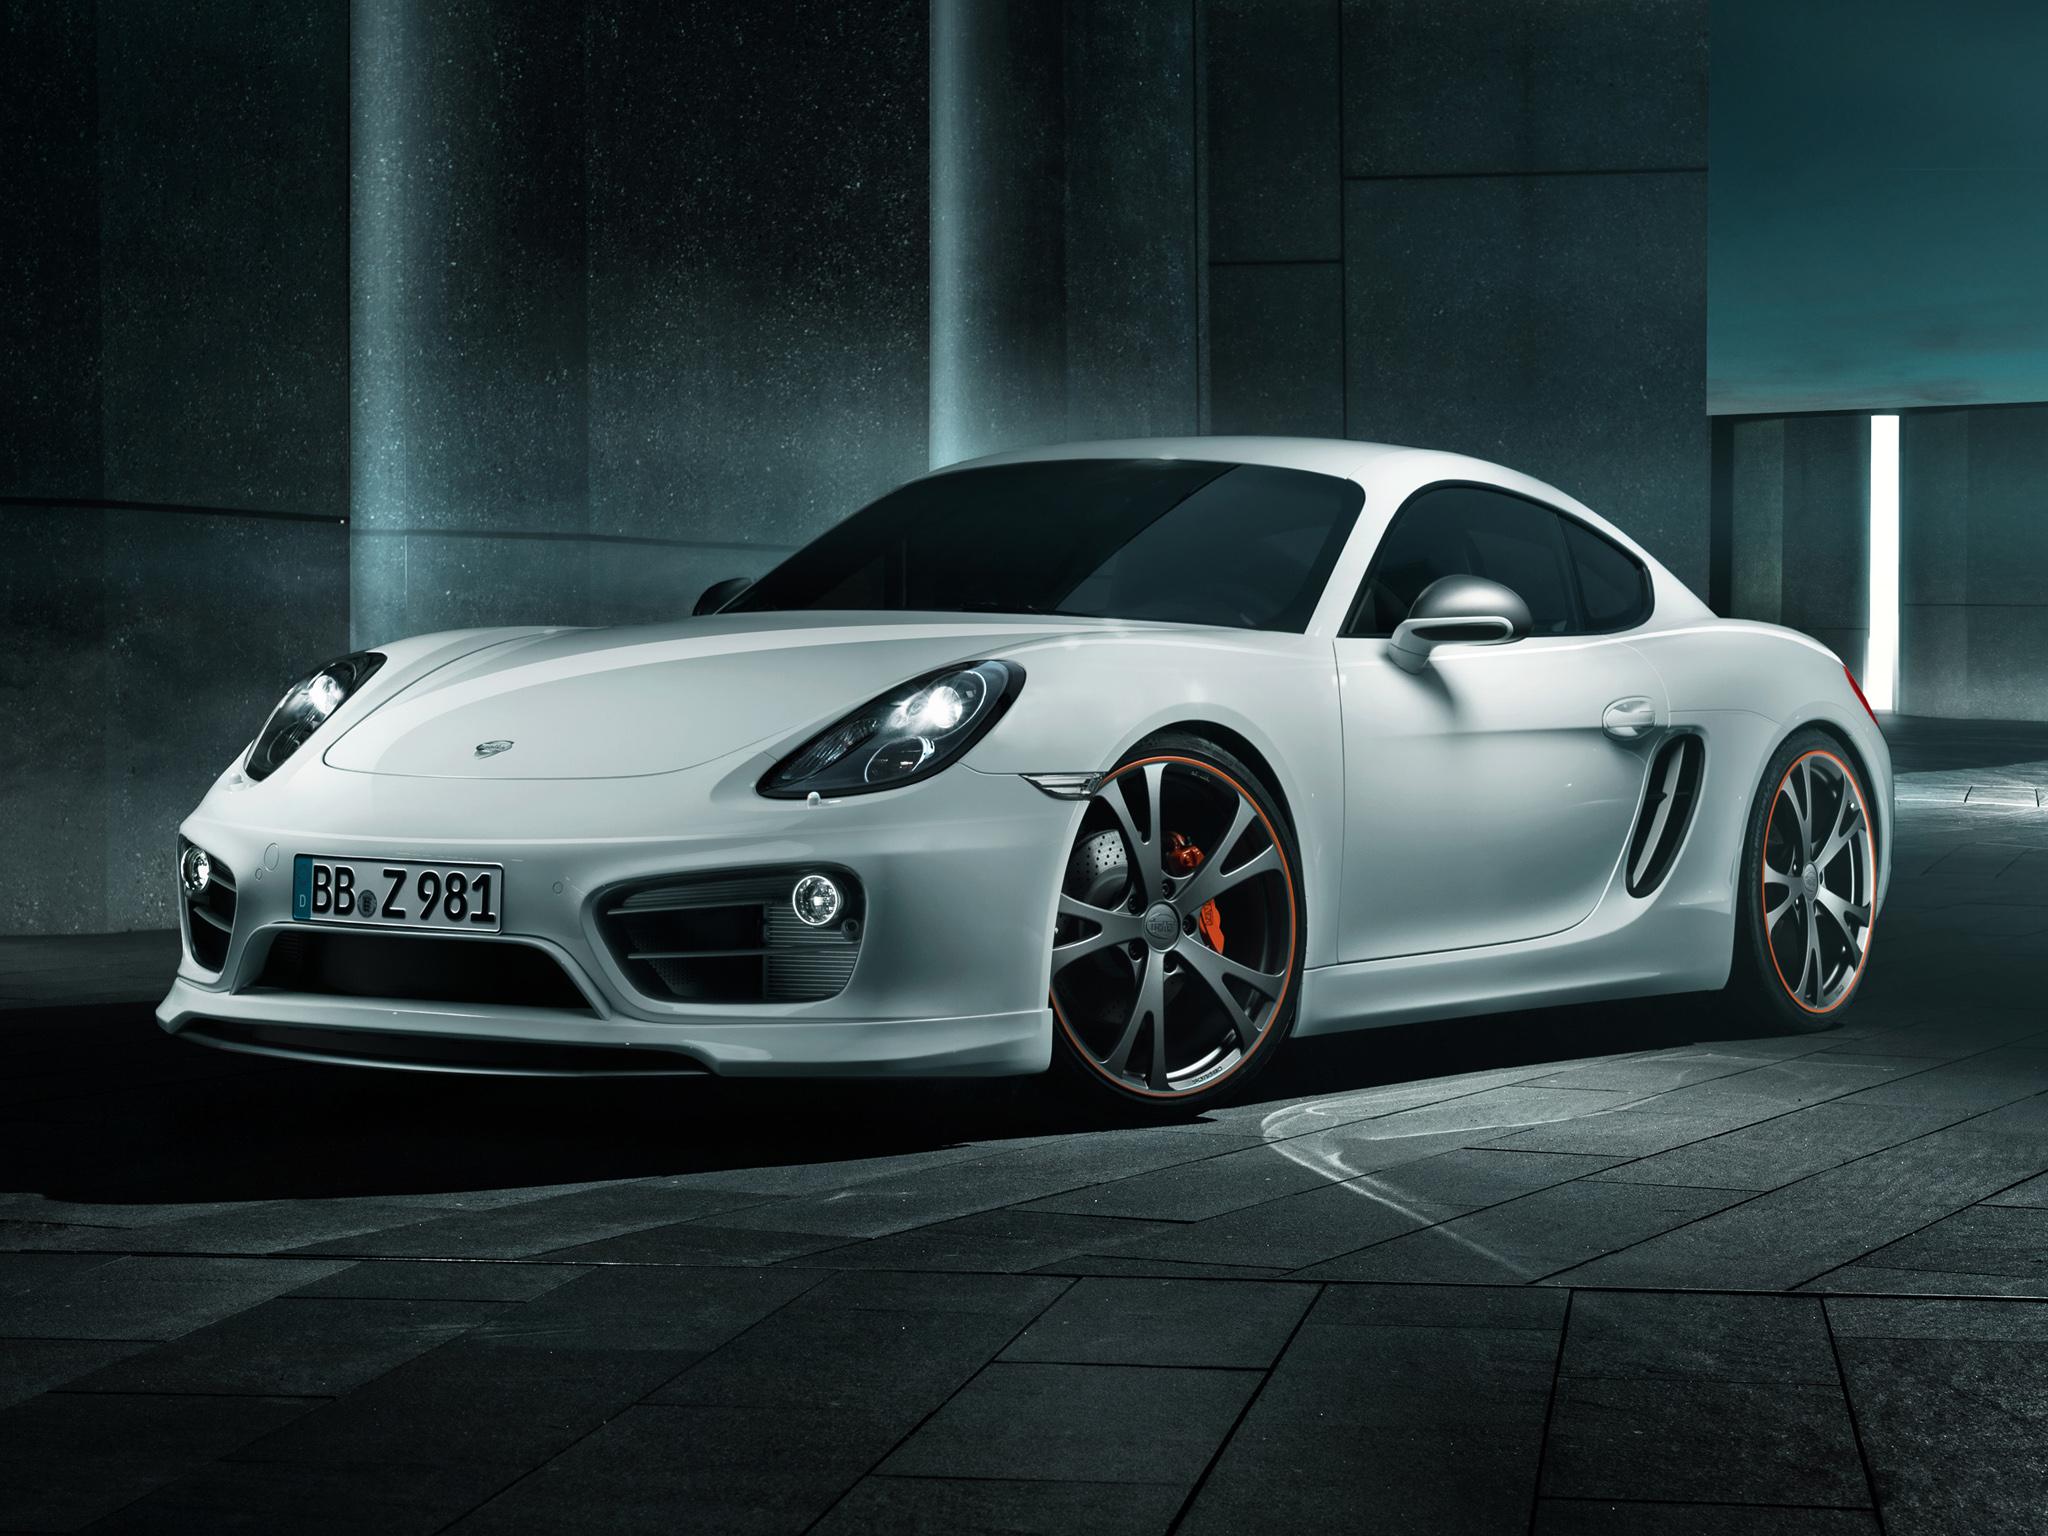 Porsche Cayman (981C) '2013 от тюнинг-ателье TechArt